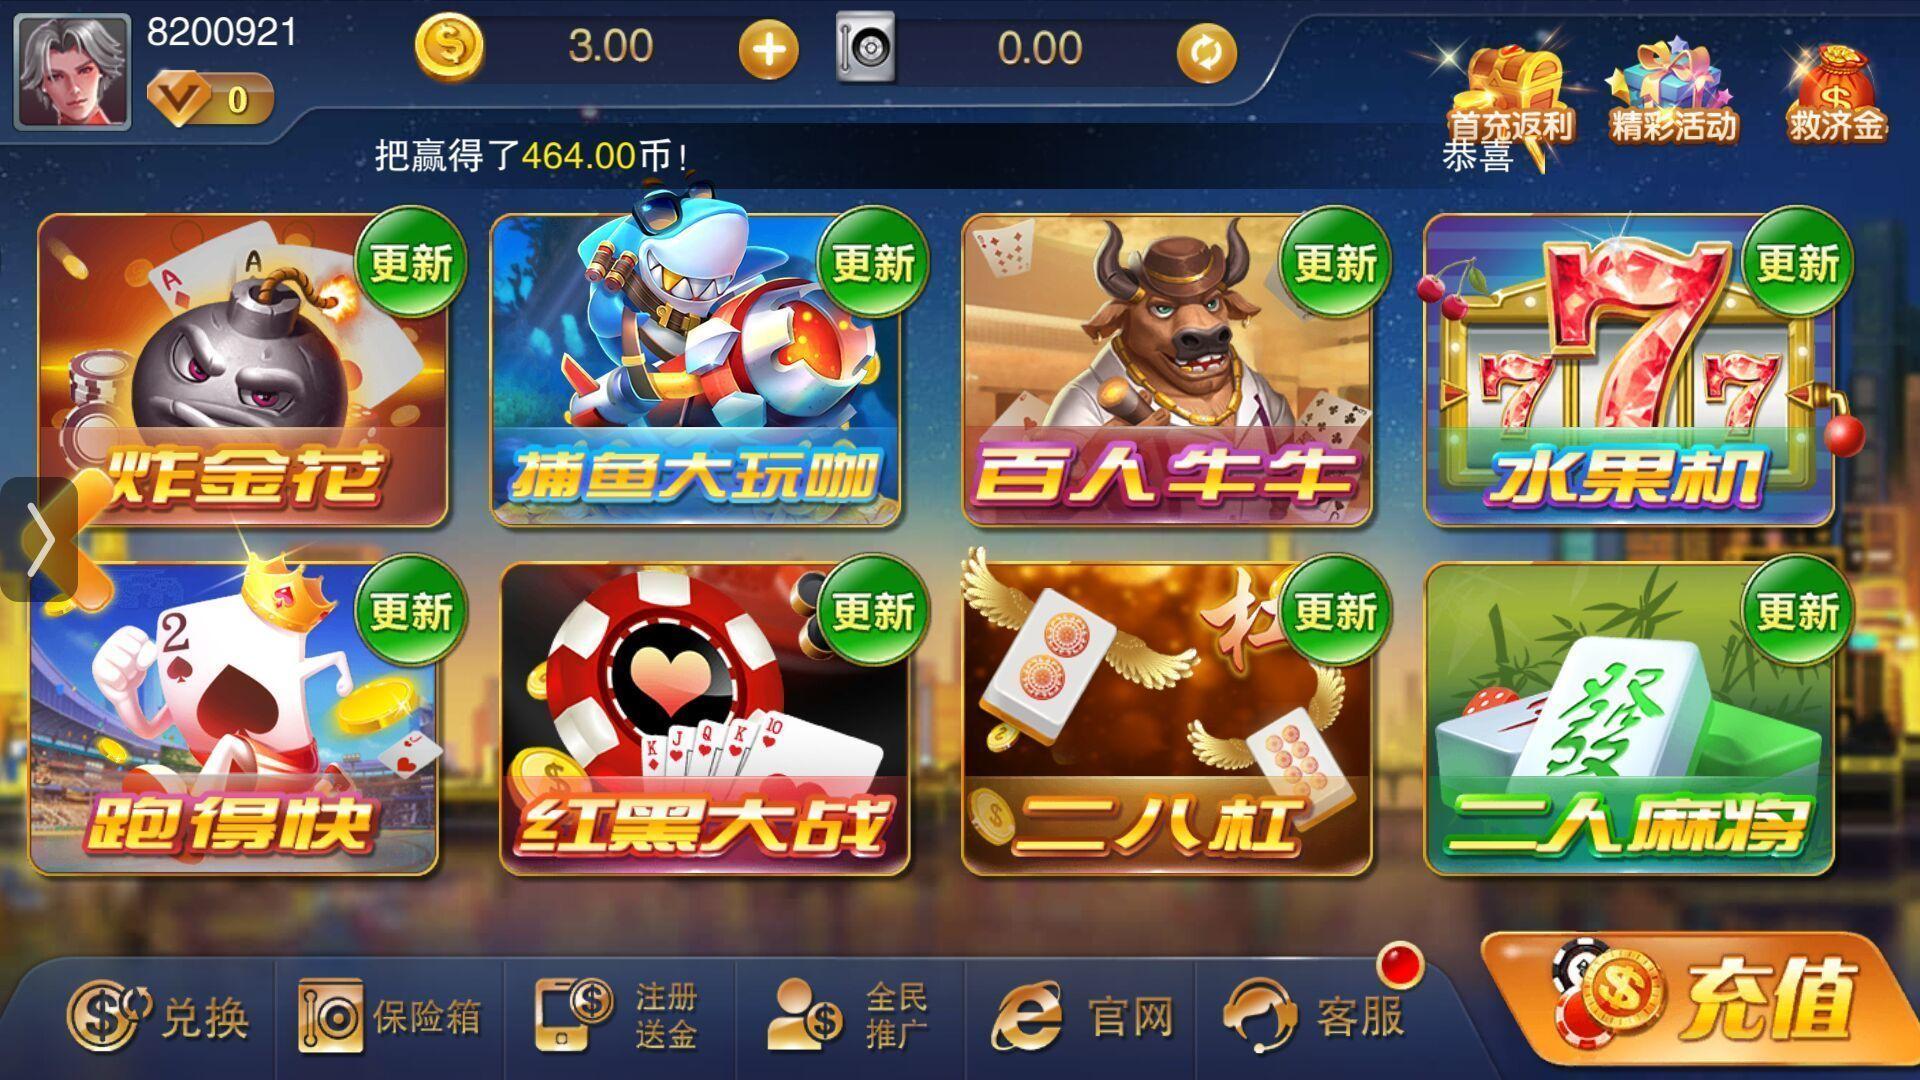 雷火电竞游戏 v1.0 第2张